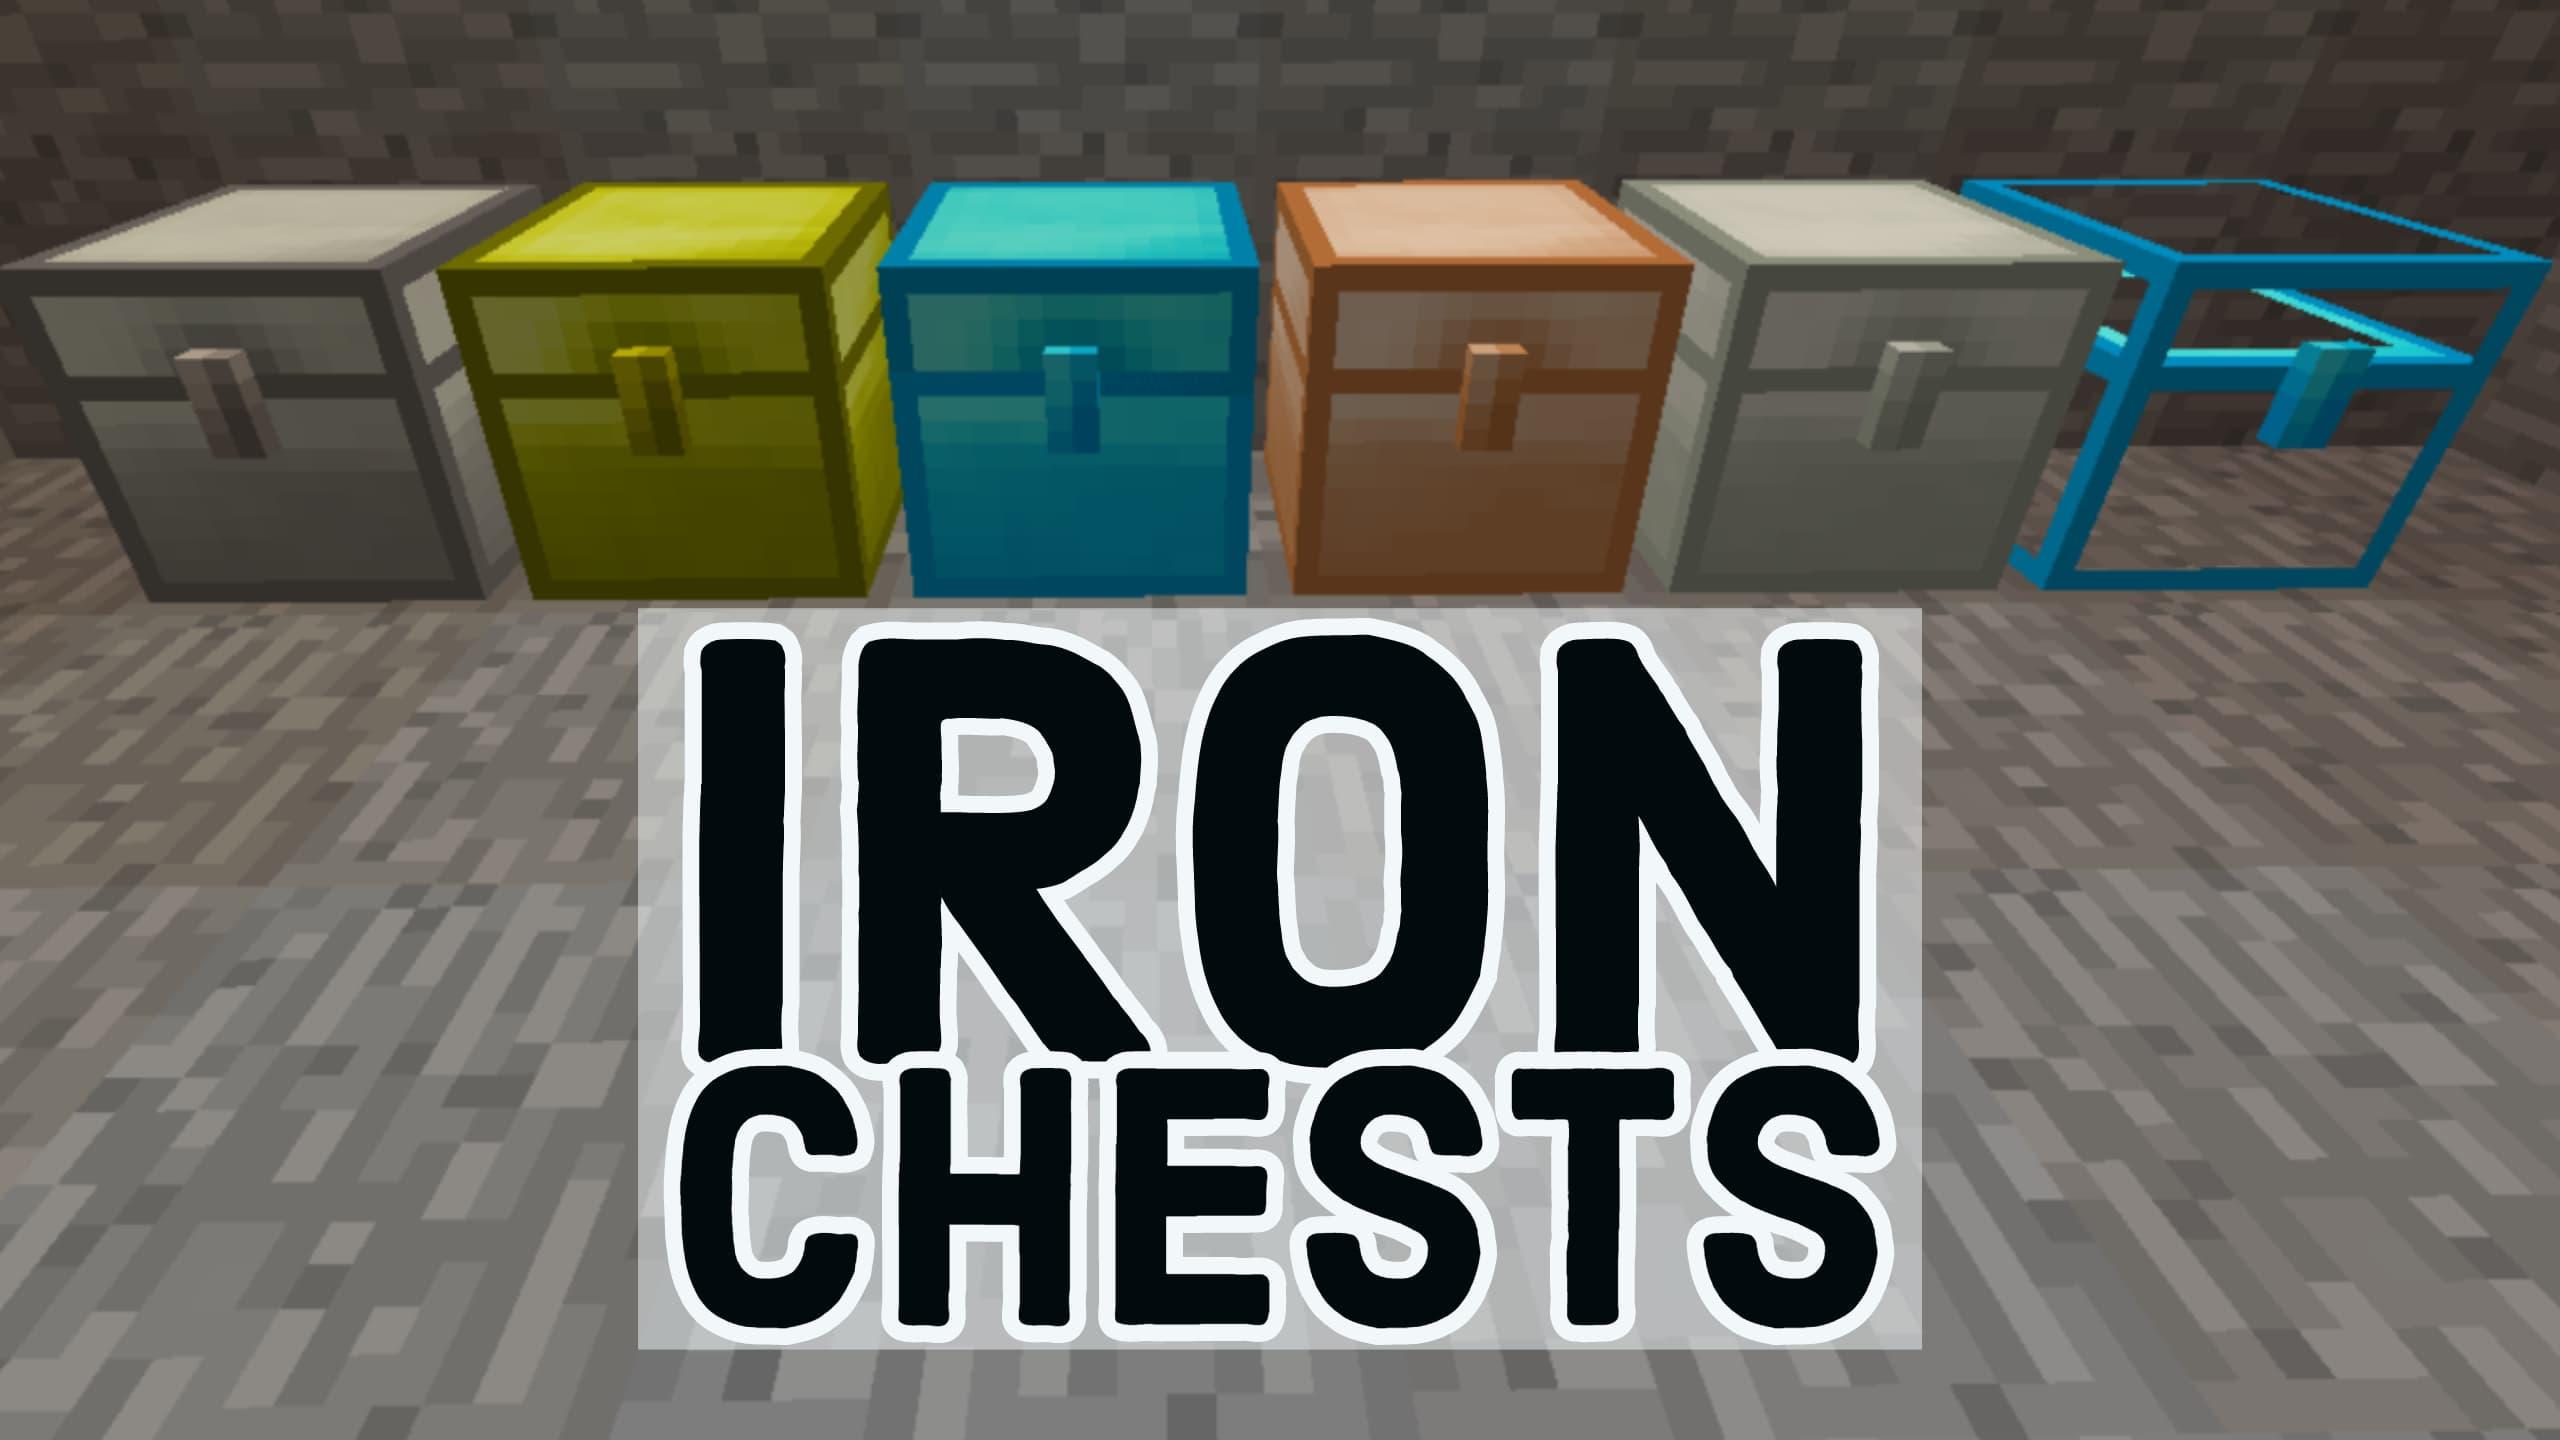 [Mod] Cofres de hierro - 1.7.10 → 1.16.5 • Minecraft.fr